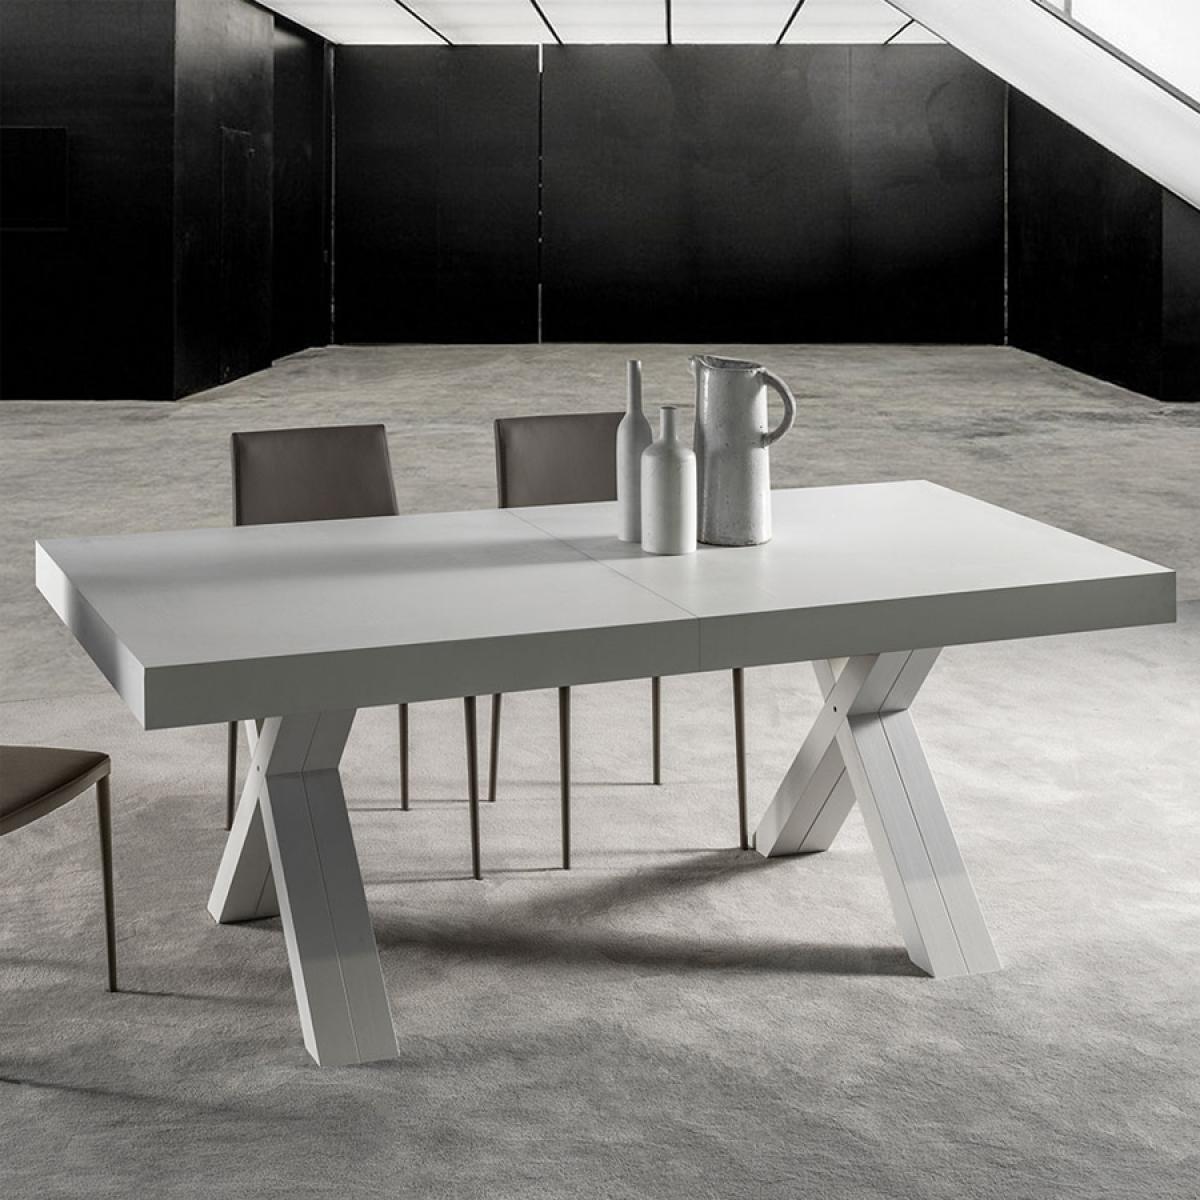 Nouvomeuble Table blanche extensible 5 mètres COPERTINO